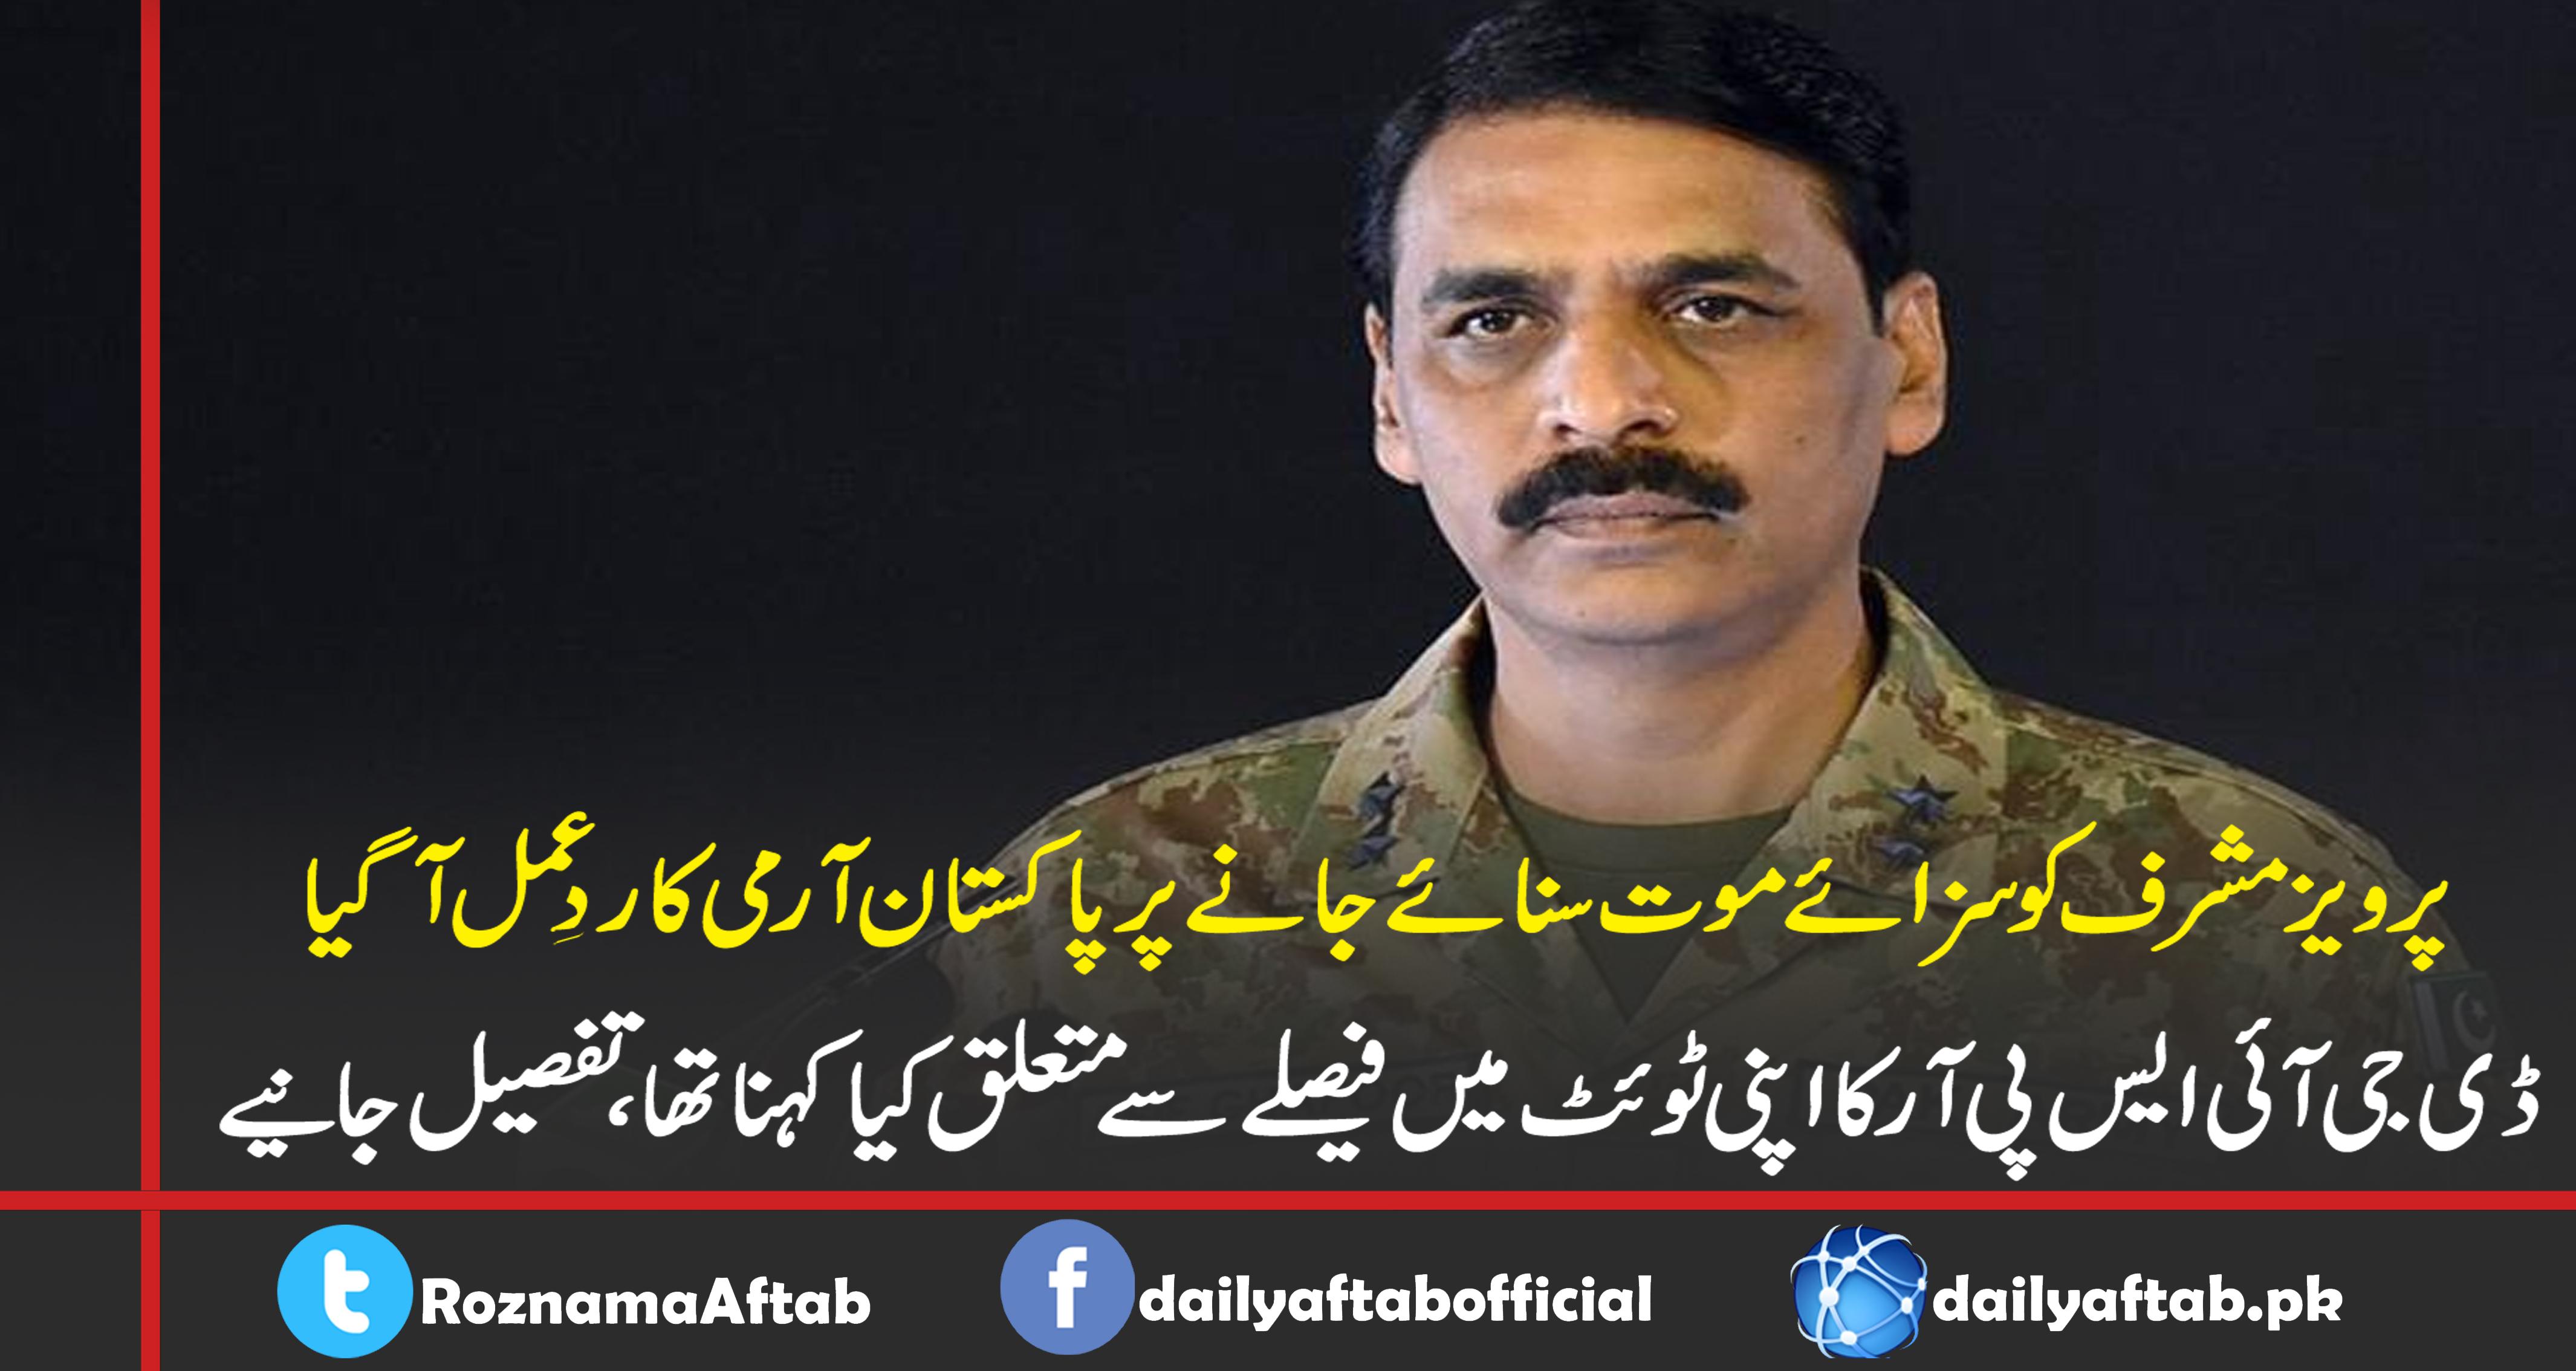 پرویزمشرف , ڈی جی آئی ایس پی آر , میجر جنرل آصف غفور, ردِعمل